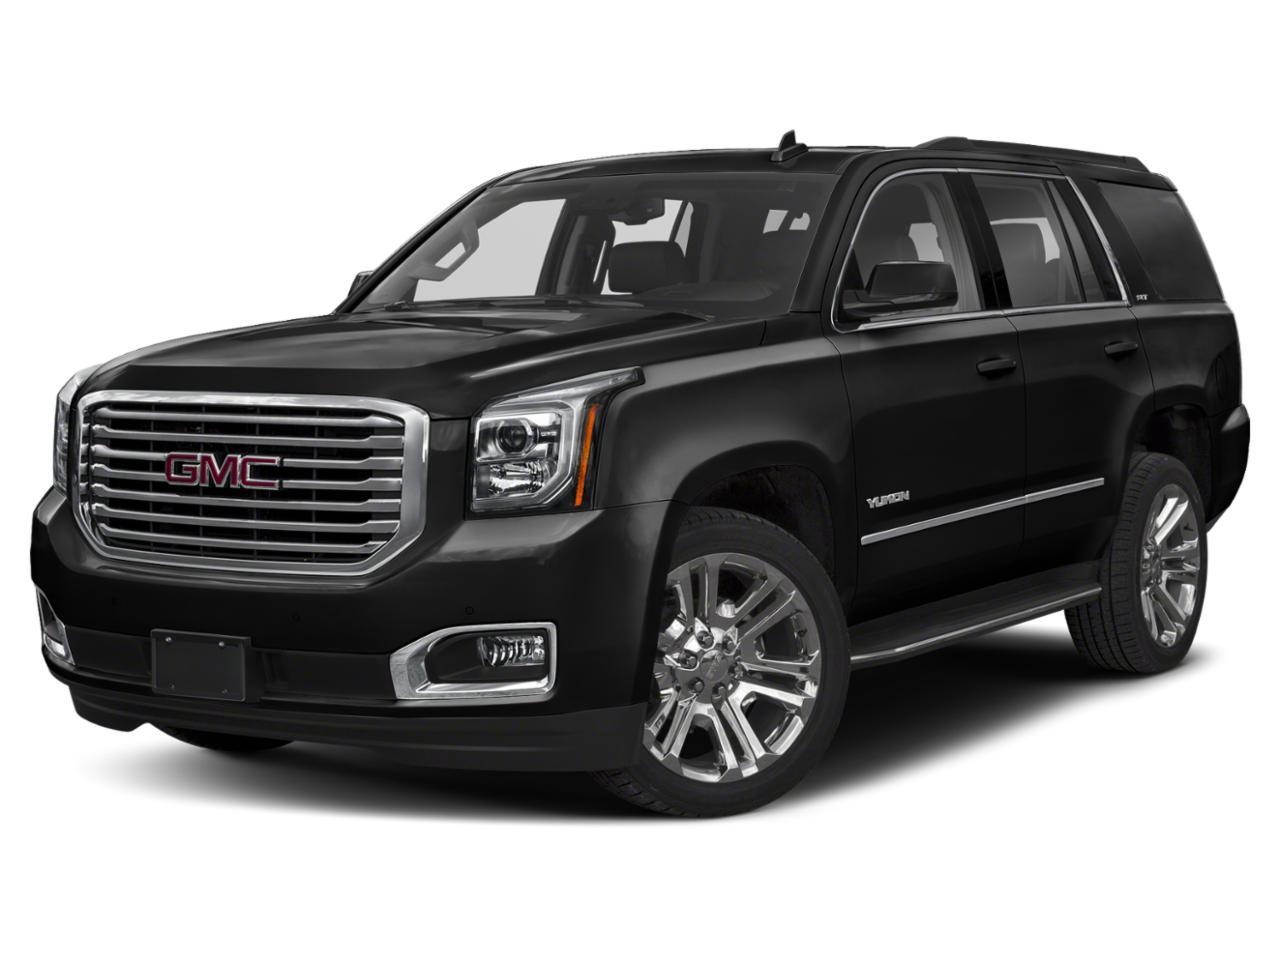 Onyx Black 2020 GMC Yukon SLT SUV Lexington NC